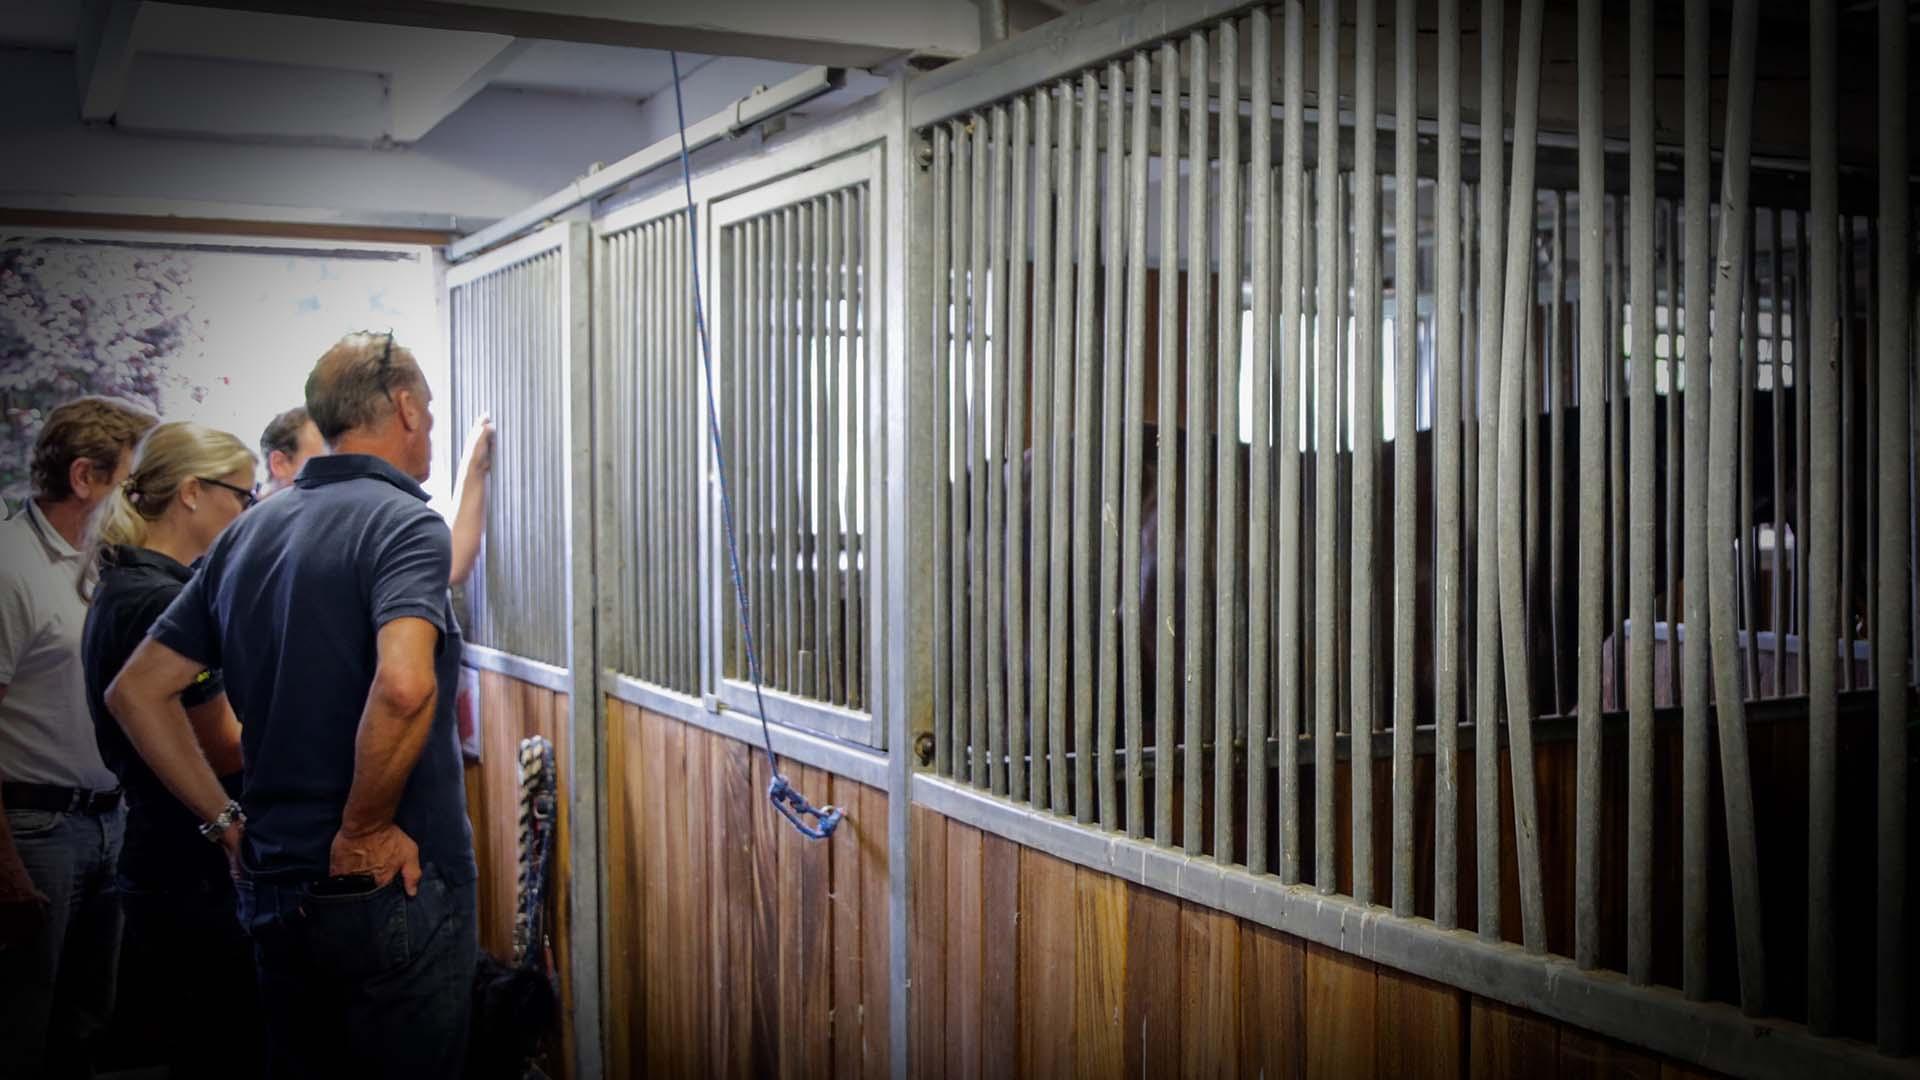 Pferdeklinik Salzhofen - Impressionen - Ärzteteam bei der Arbeit